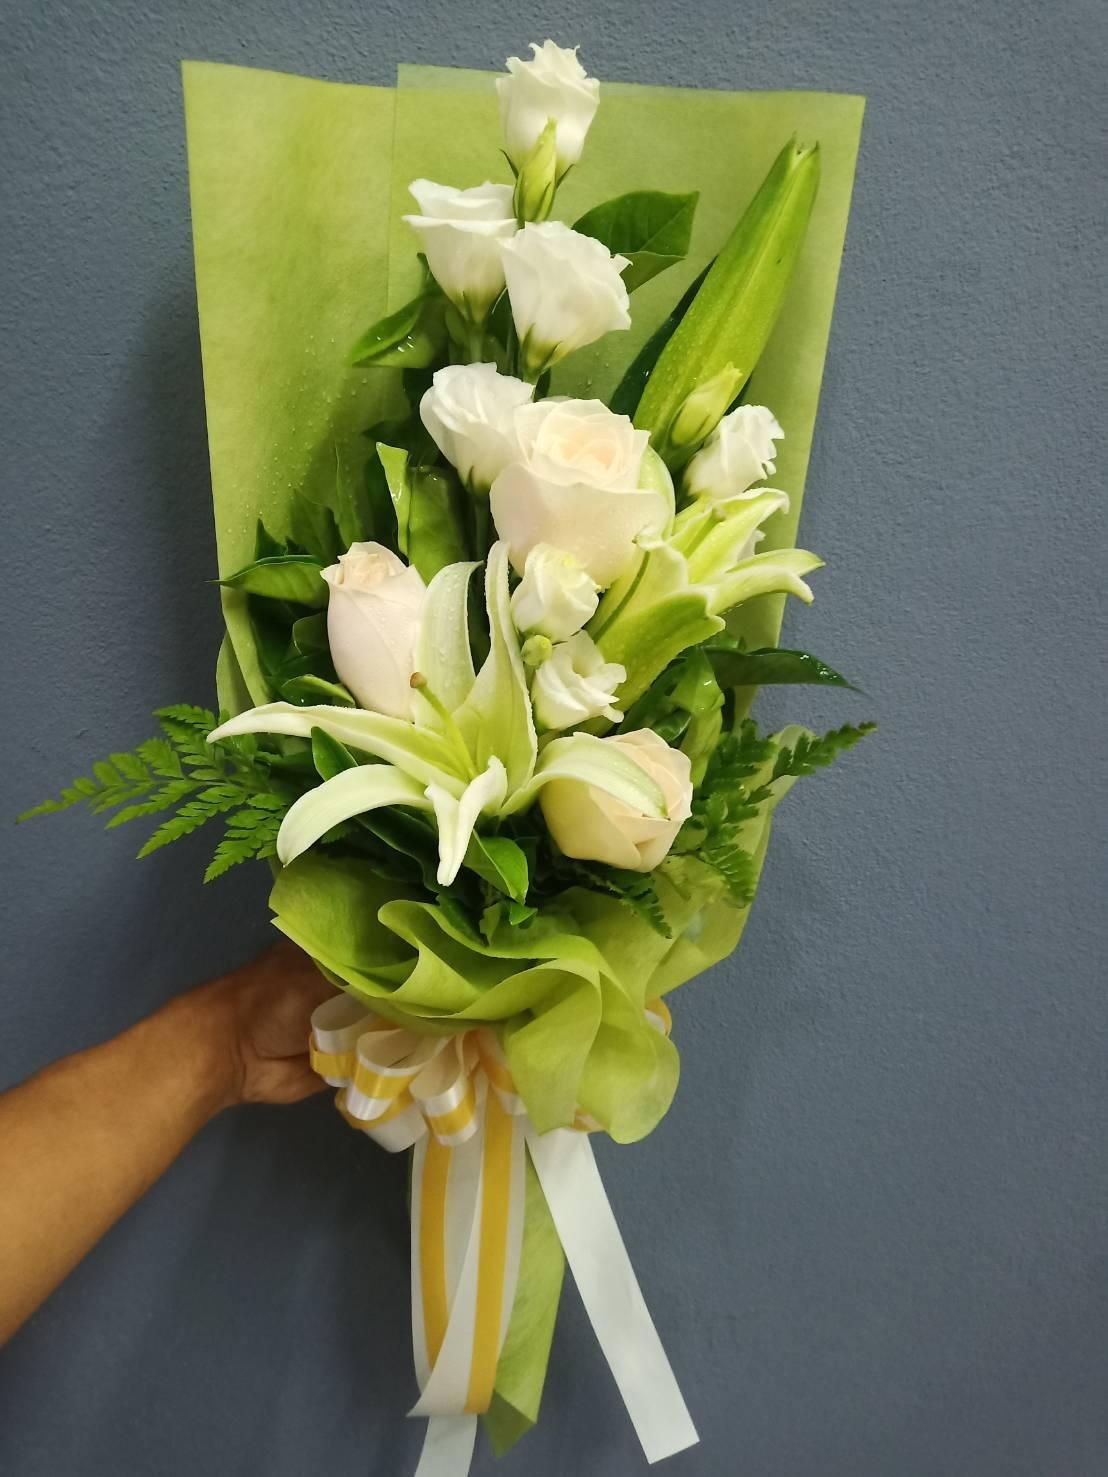 ช่อดอกกุหลาบสีขาวที่สื่อถึงความรักอันบริสุทธิ์ห่อด้วยกระดาษสีเขียวอย่างสวยงาม